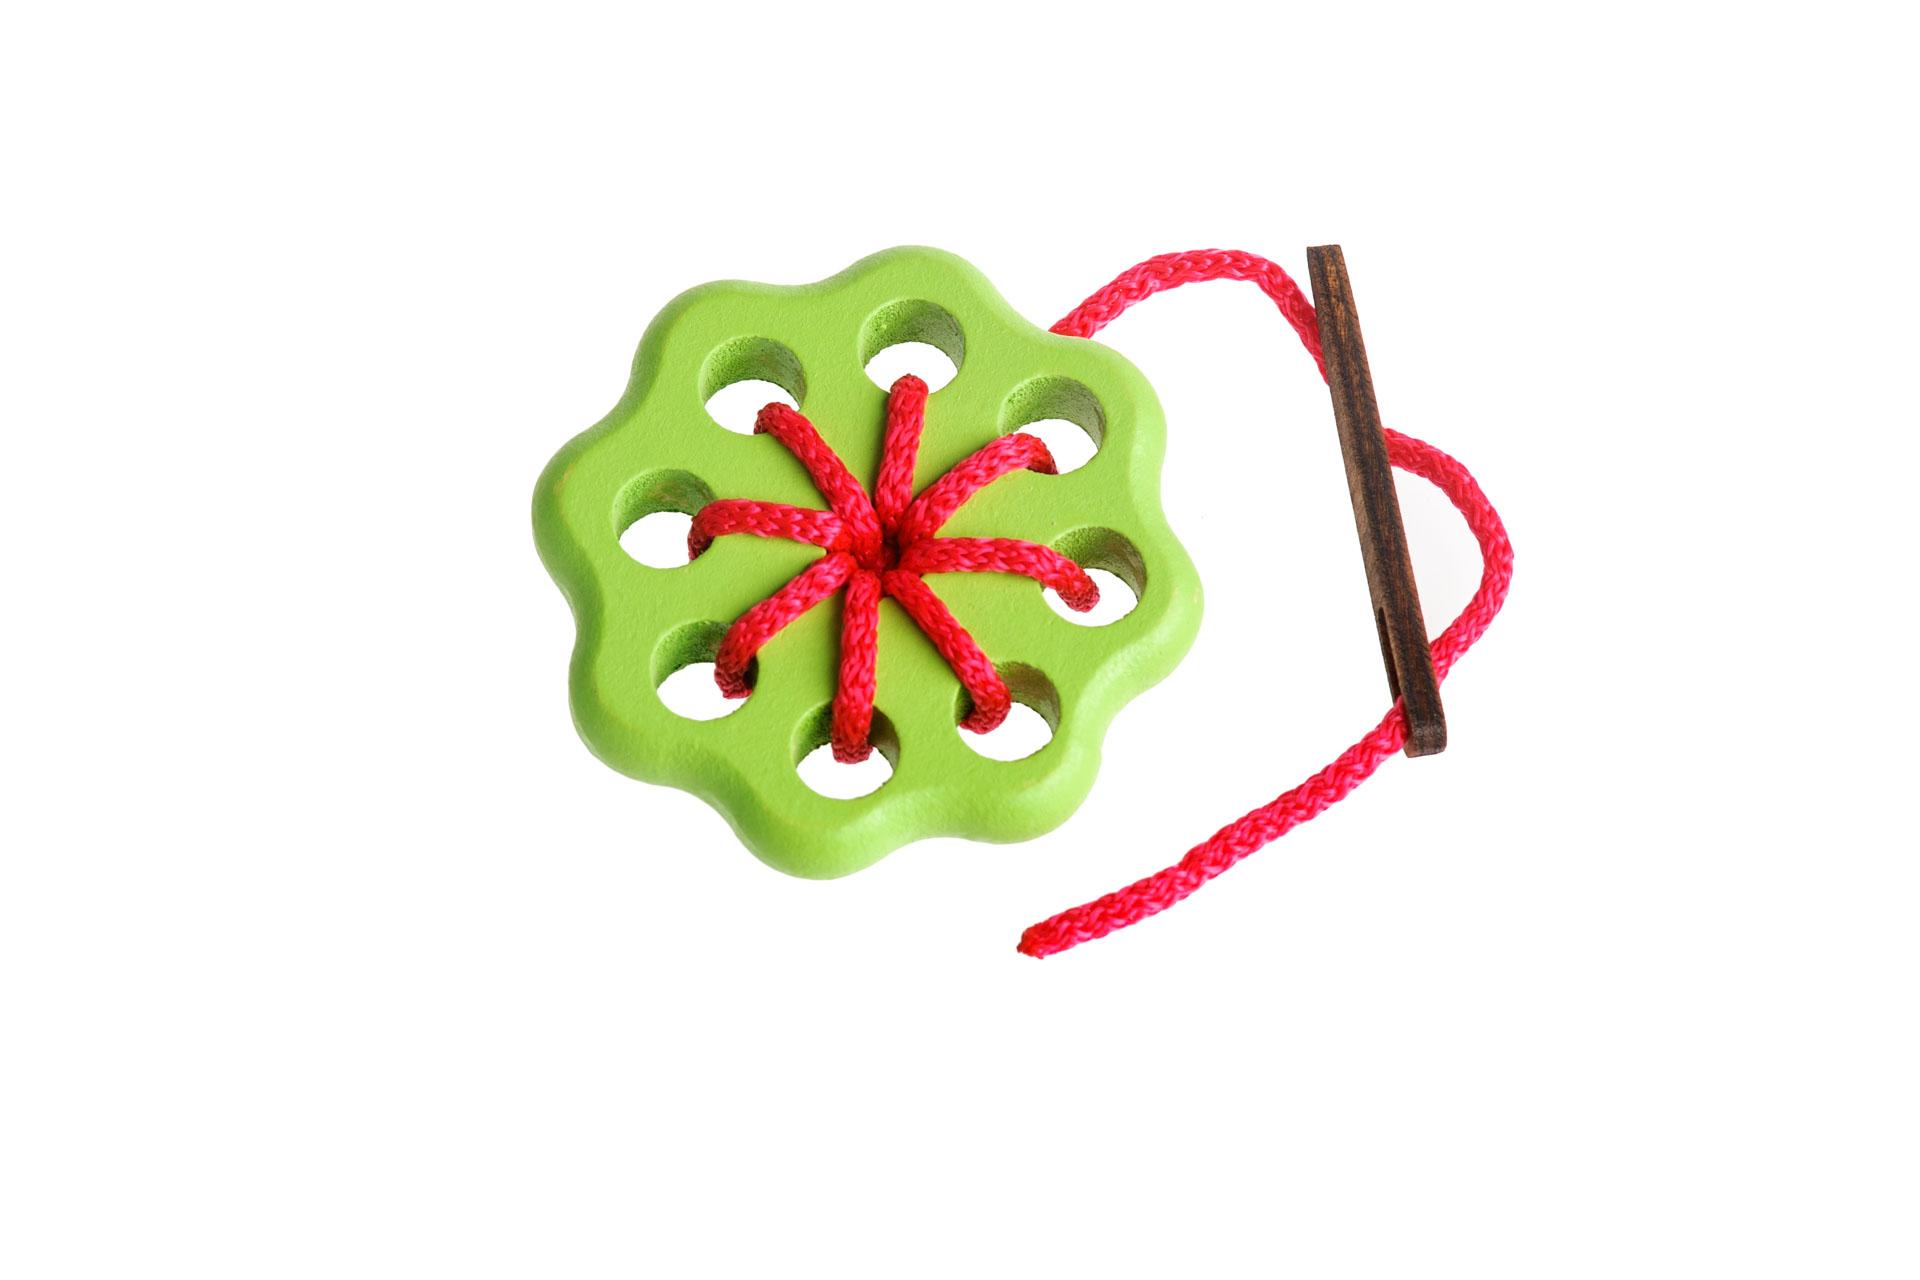 Томик Шнуровка Цветок 1610-3Забавная шнуровка для раннего развития Вашего ребенка. 100% натуральные материалы, непередаваемый запах дерева